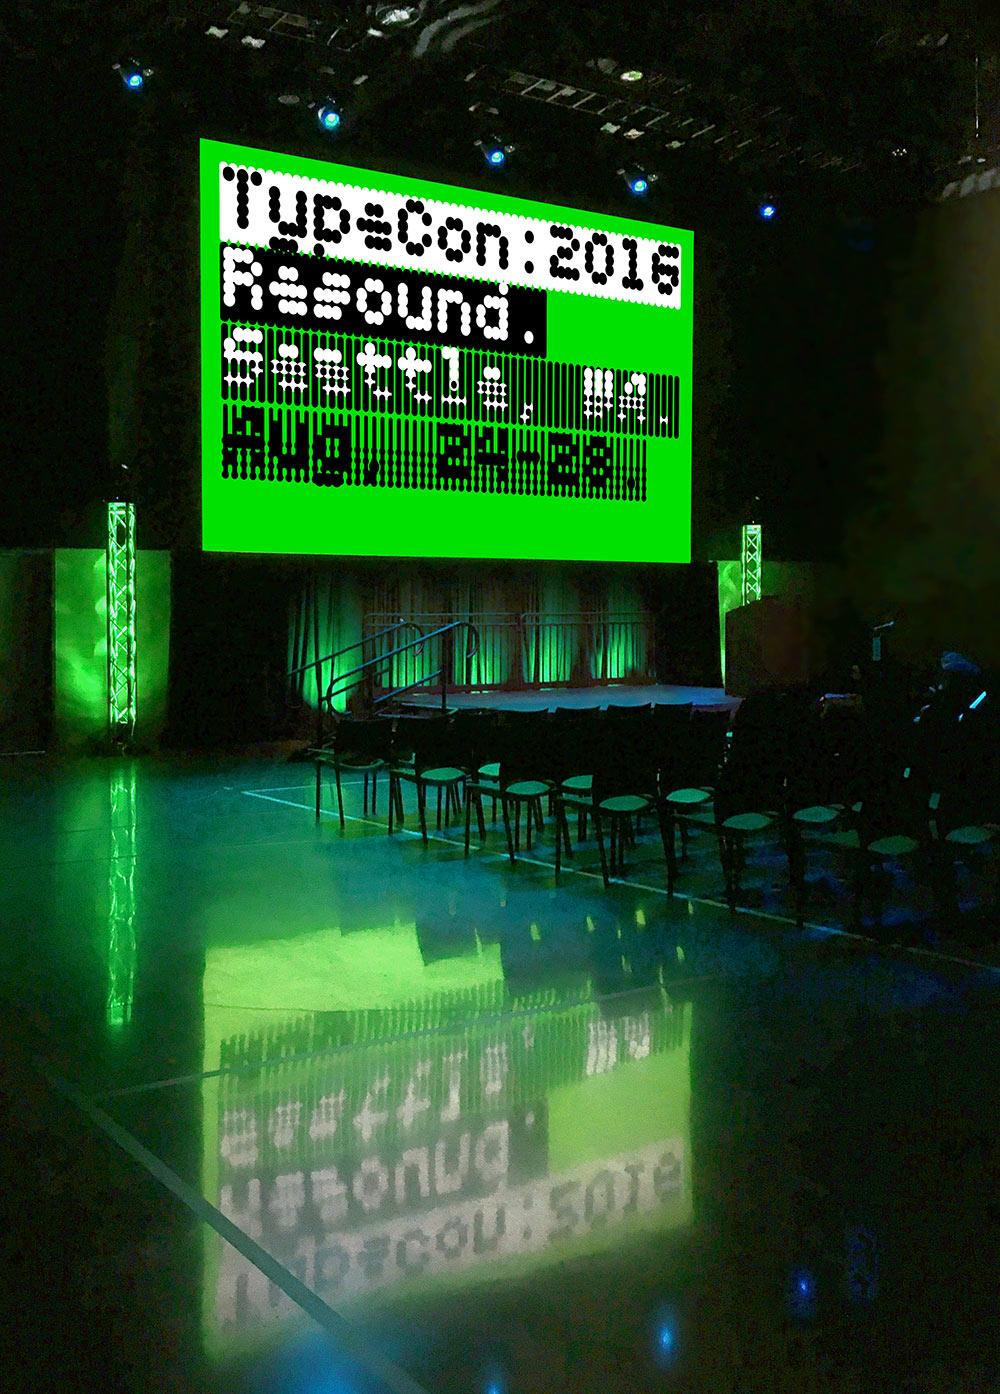 TypeCon 2016 identity